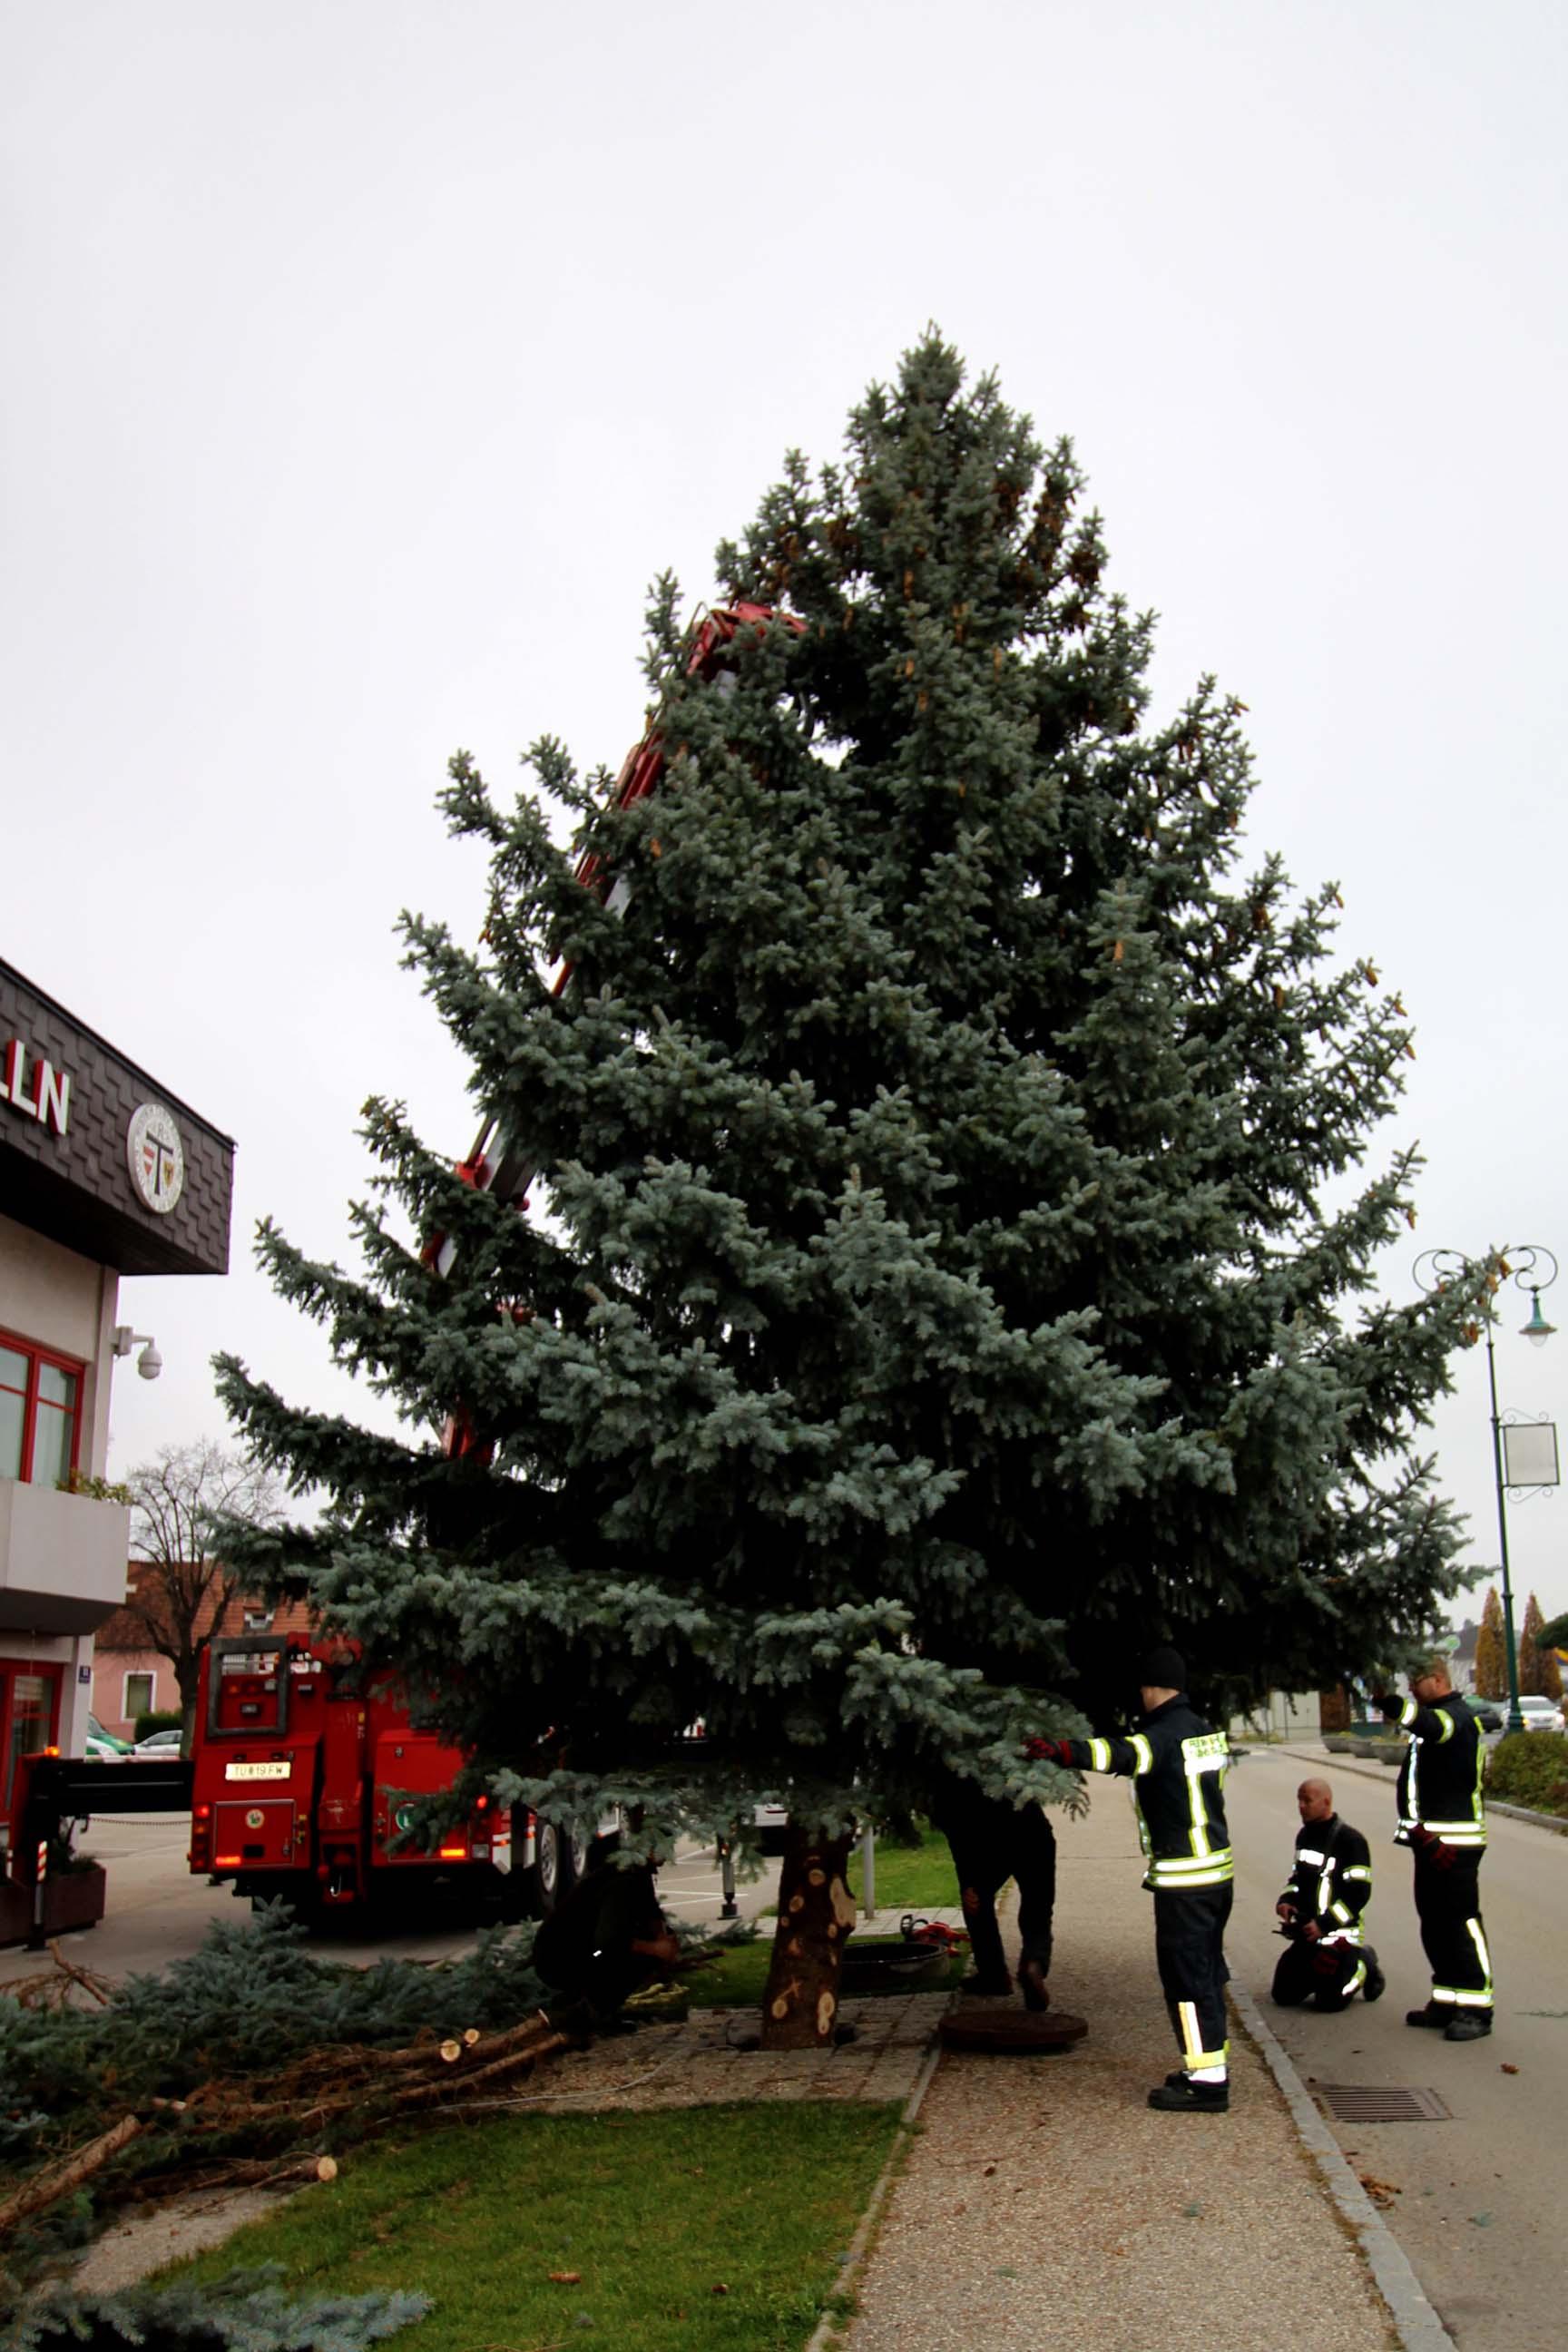 Der Weihnachtsbaum.Der Weihnachtsbaum Vor Dem Feuerwehrhaus Stadtfeuerwehr Tulln